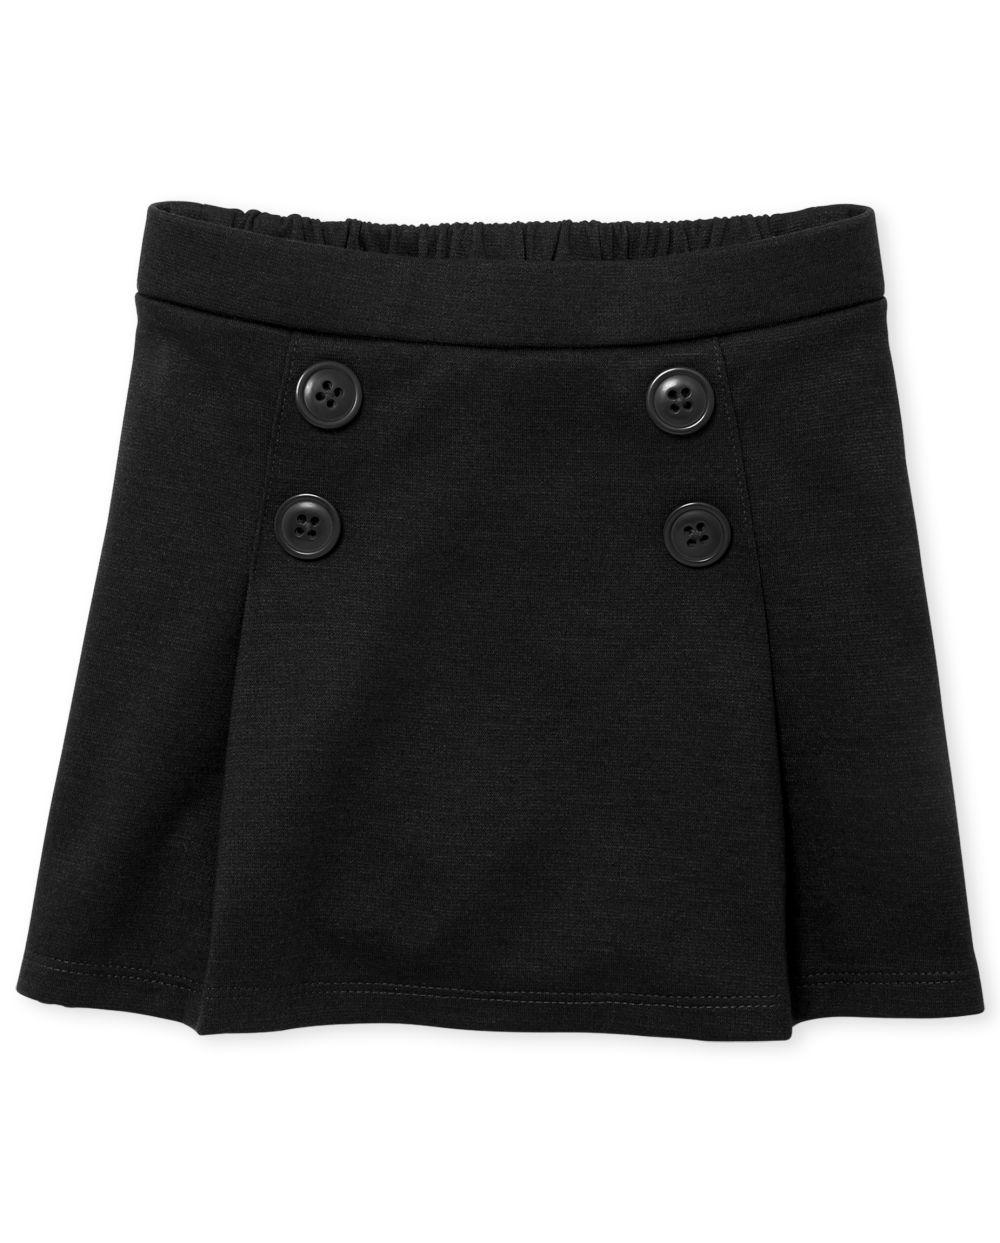 Toddler Girls Uniform Ponte Knit Button Skort